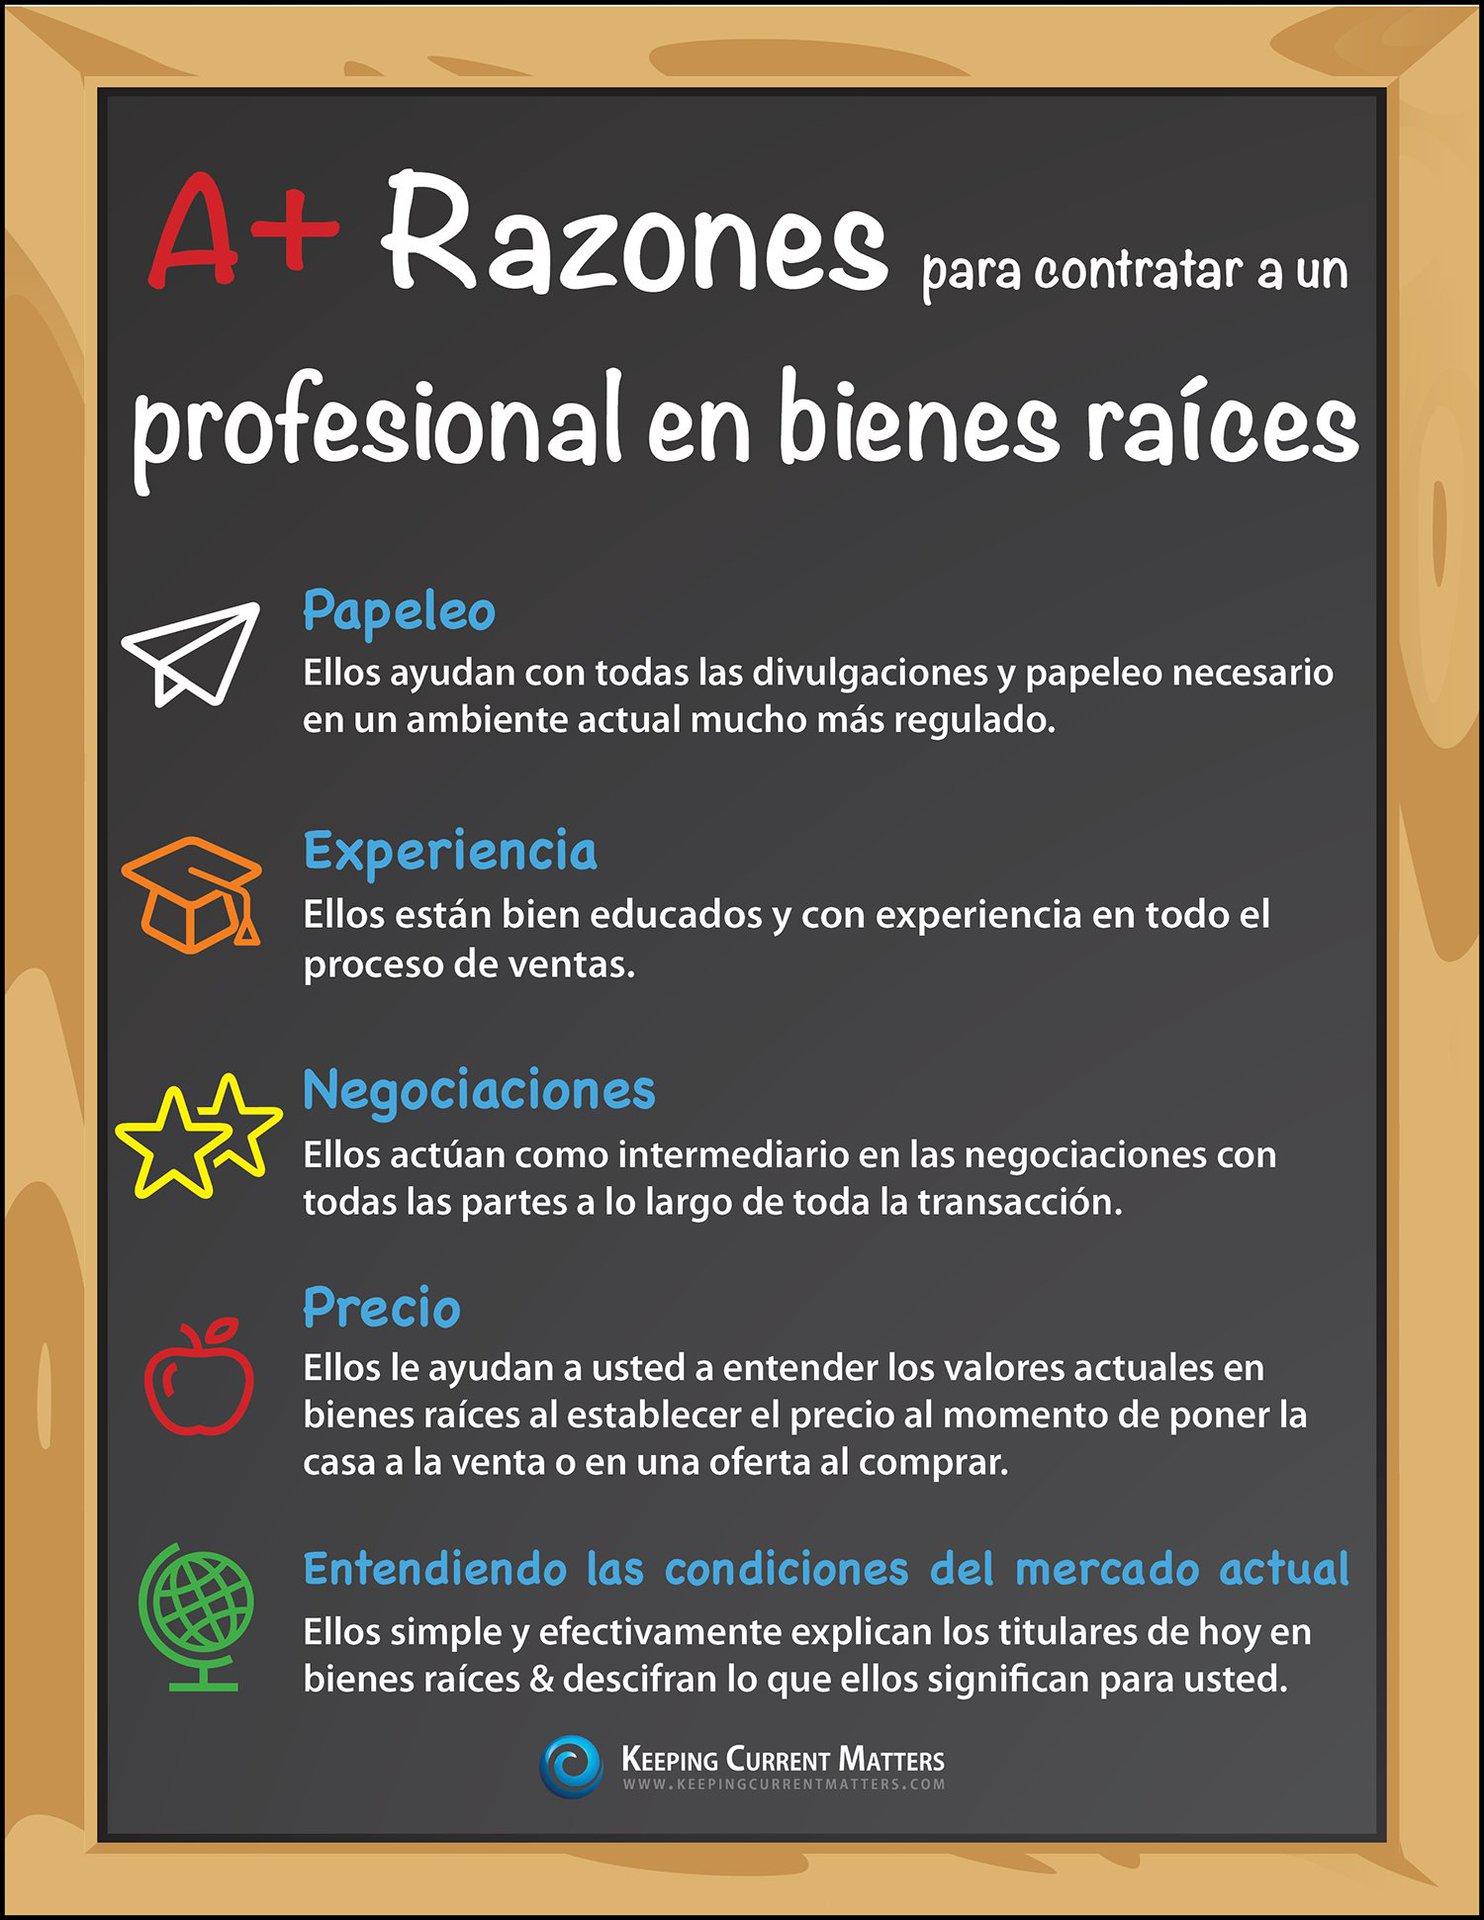 Razones A+ para contratar un profesional en bienes raíces [INFOGRAFíA] | Keeping Current Matters